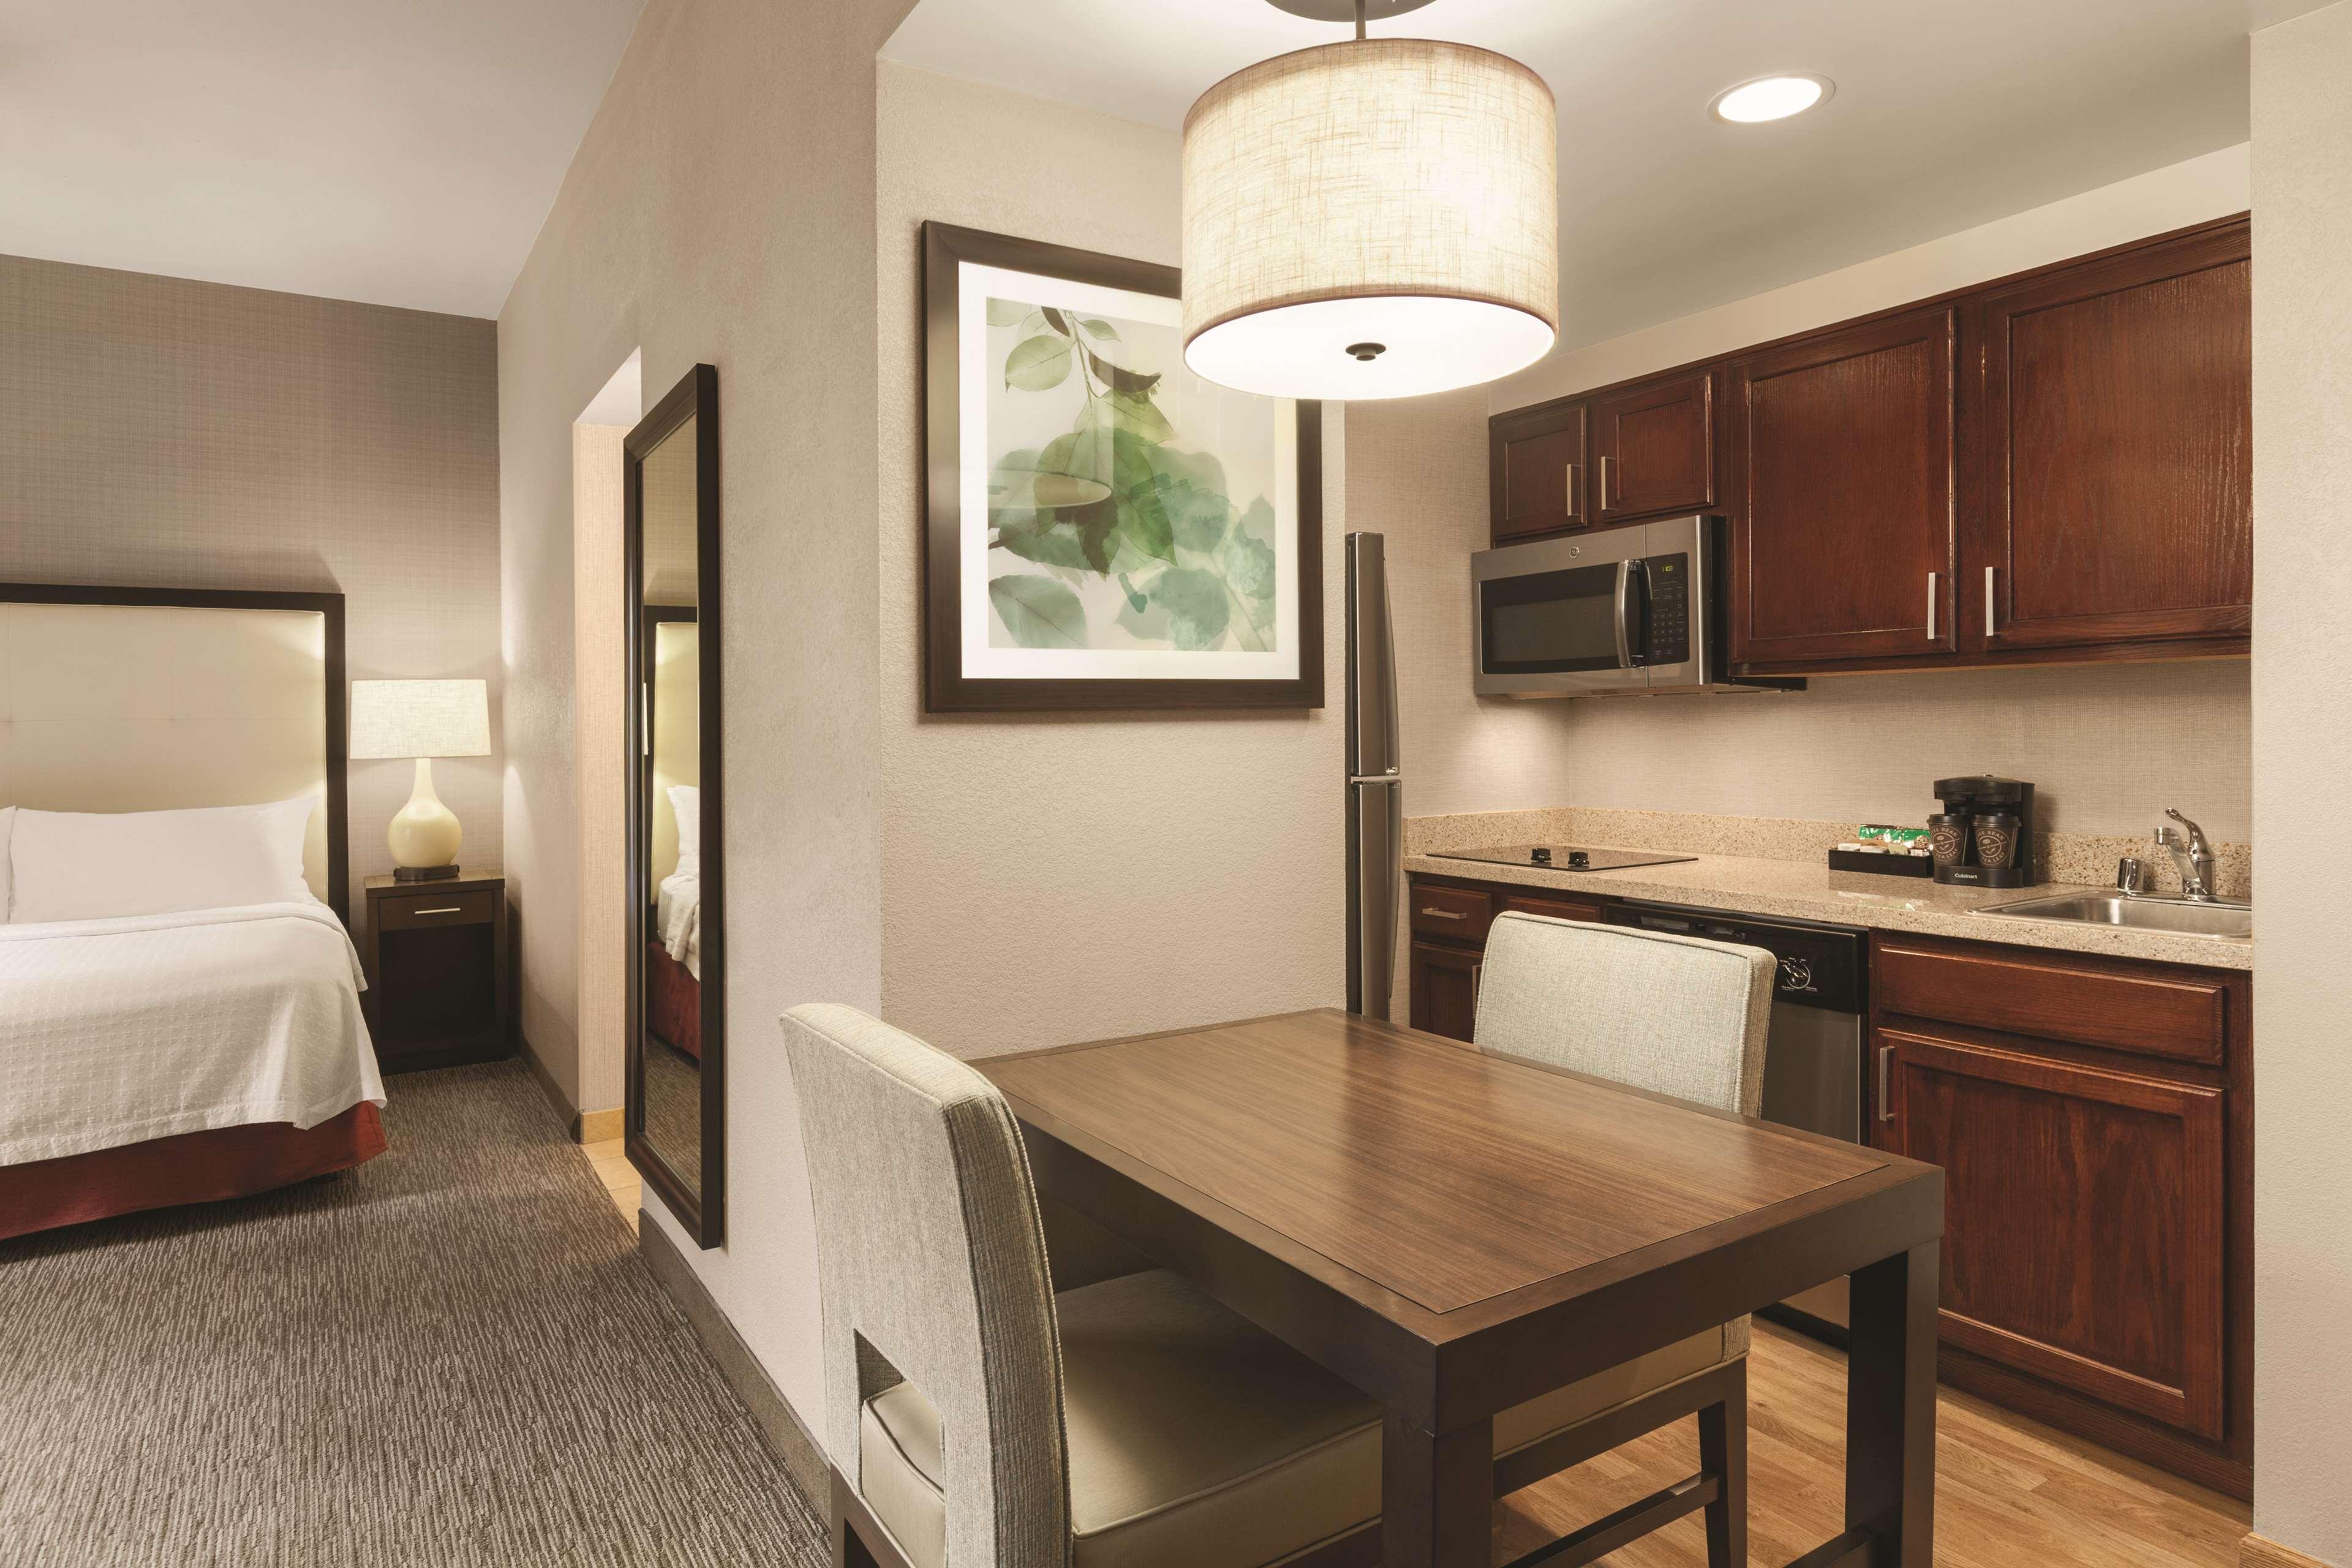 Homewood Suites by Hilton La Quinta image 22